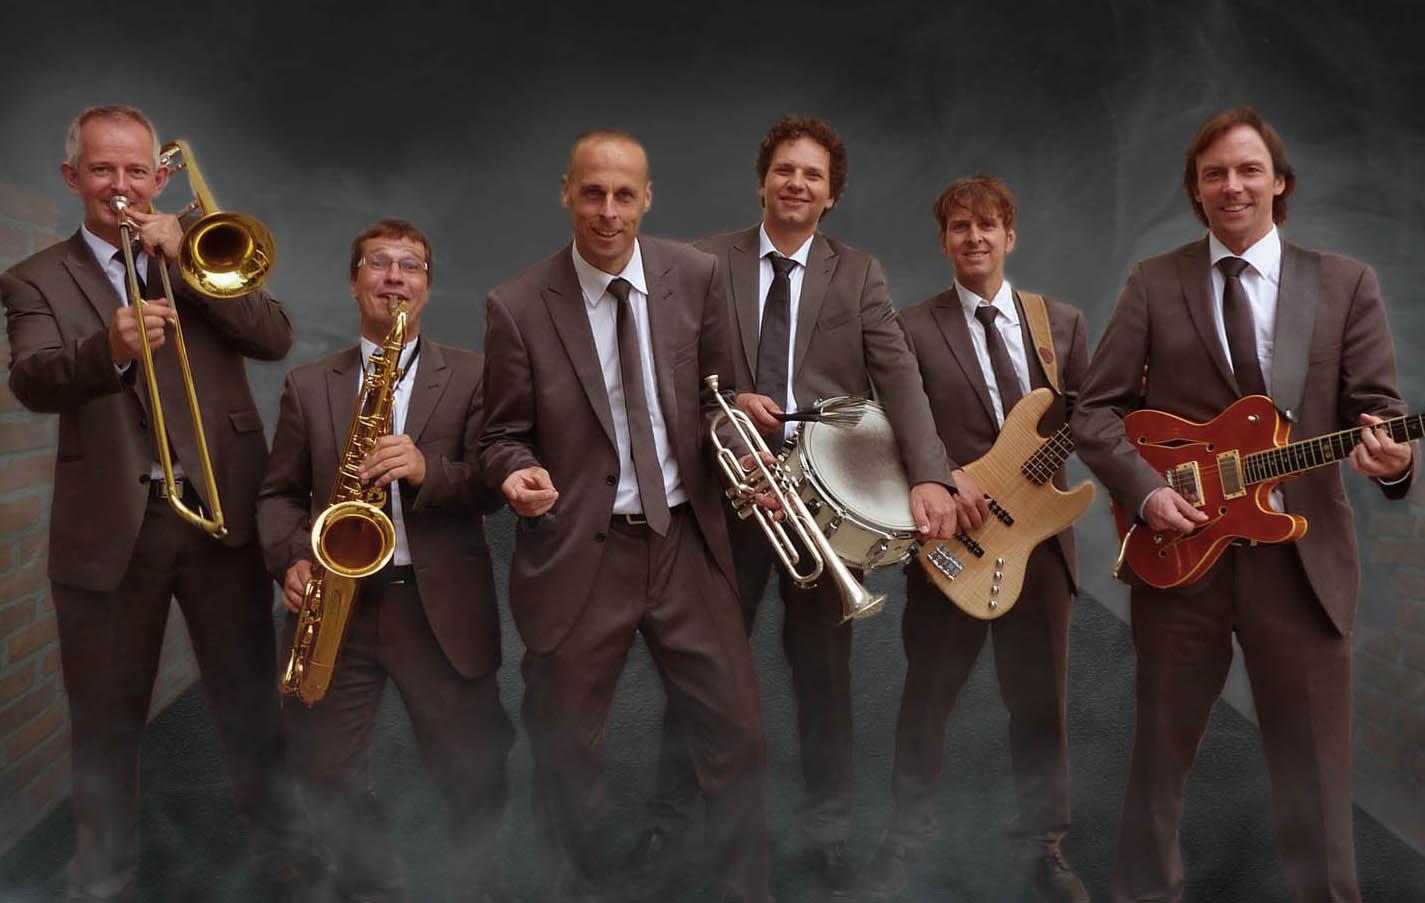 Hochzeitsband NRW Köln Bonn Live Partyband Hochzeit Band